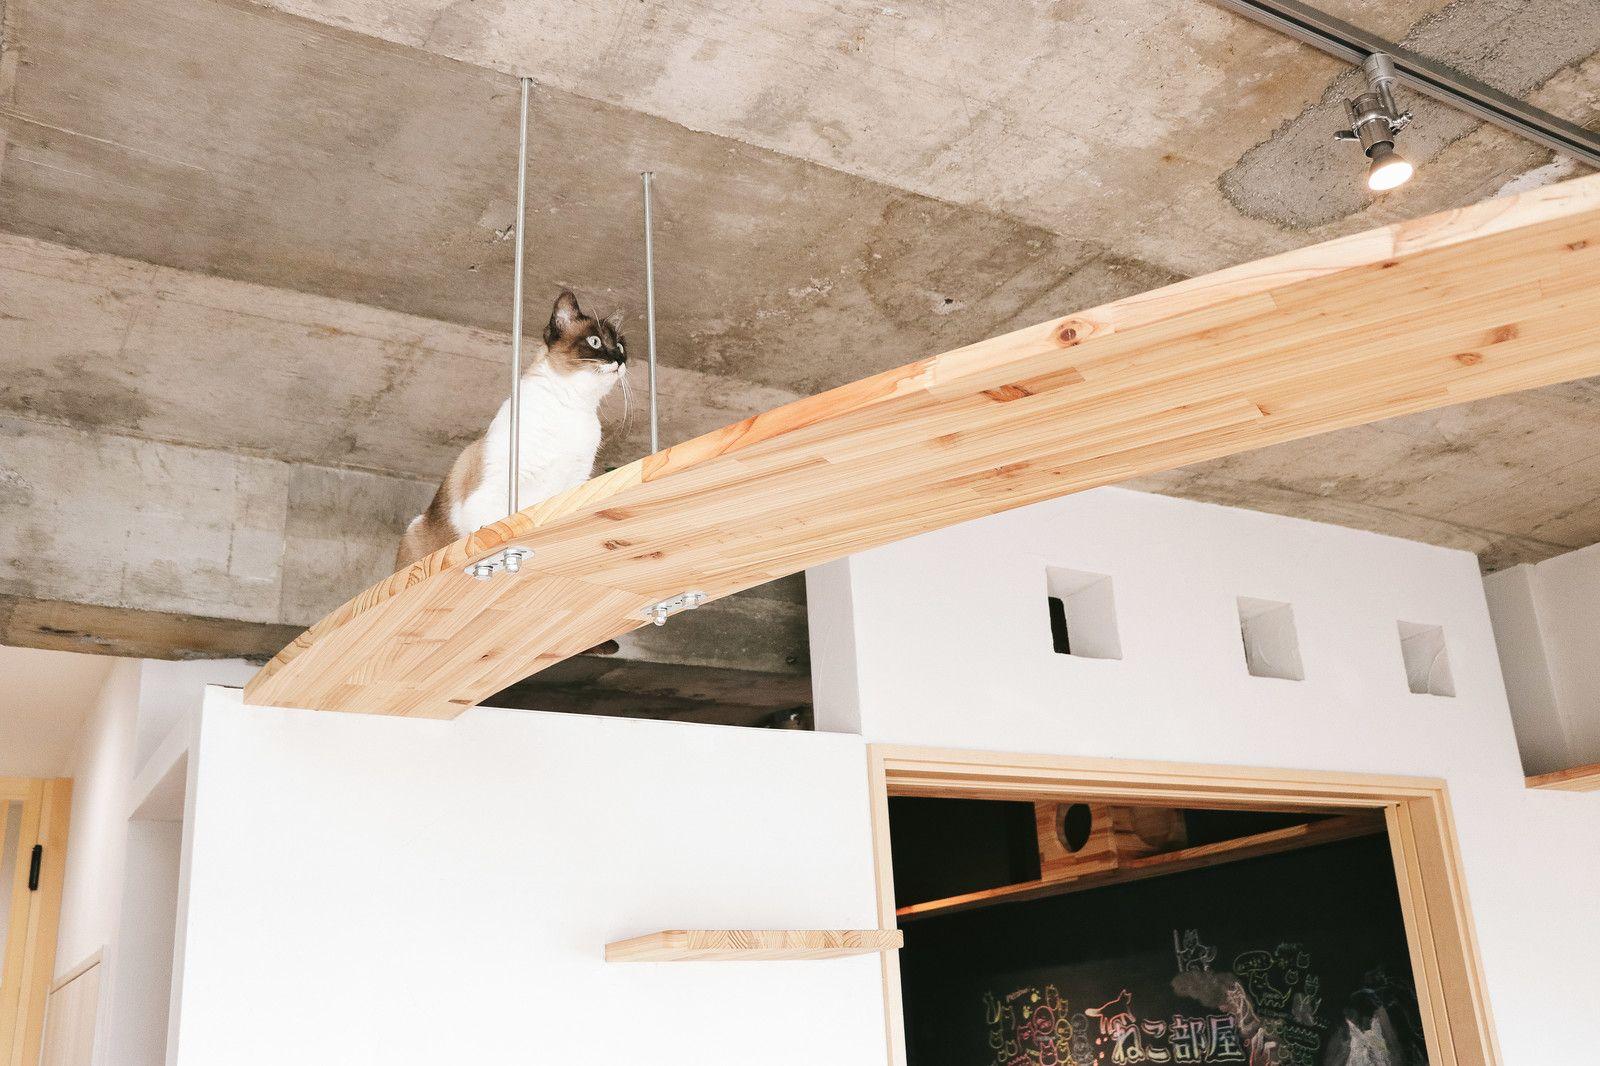 猫への思いやりがつまったキャットウォークがある家猫への思いやりが